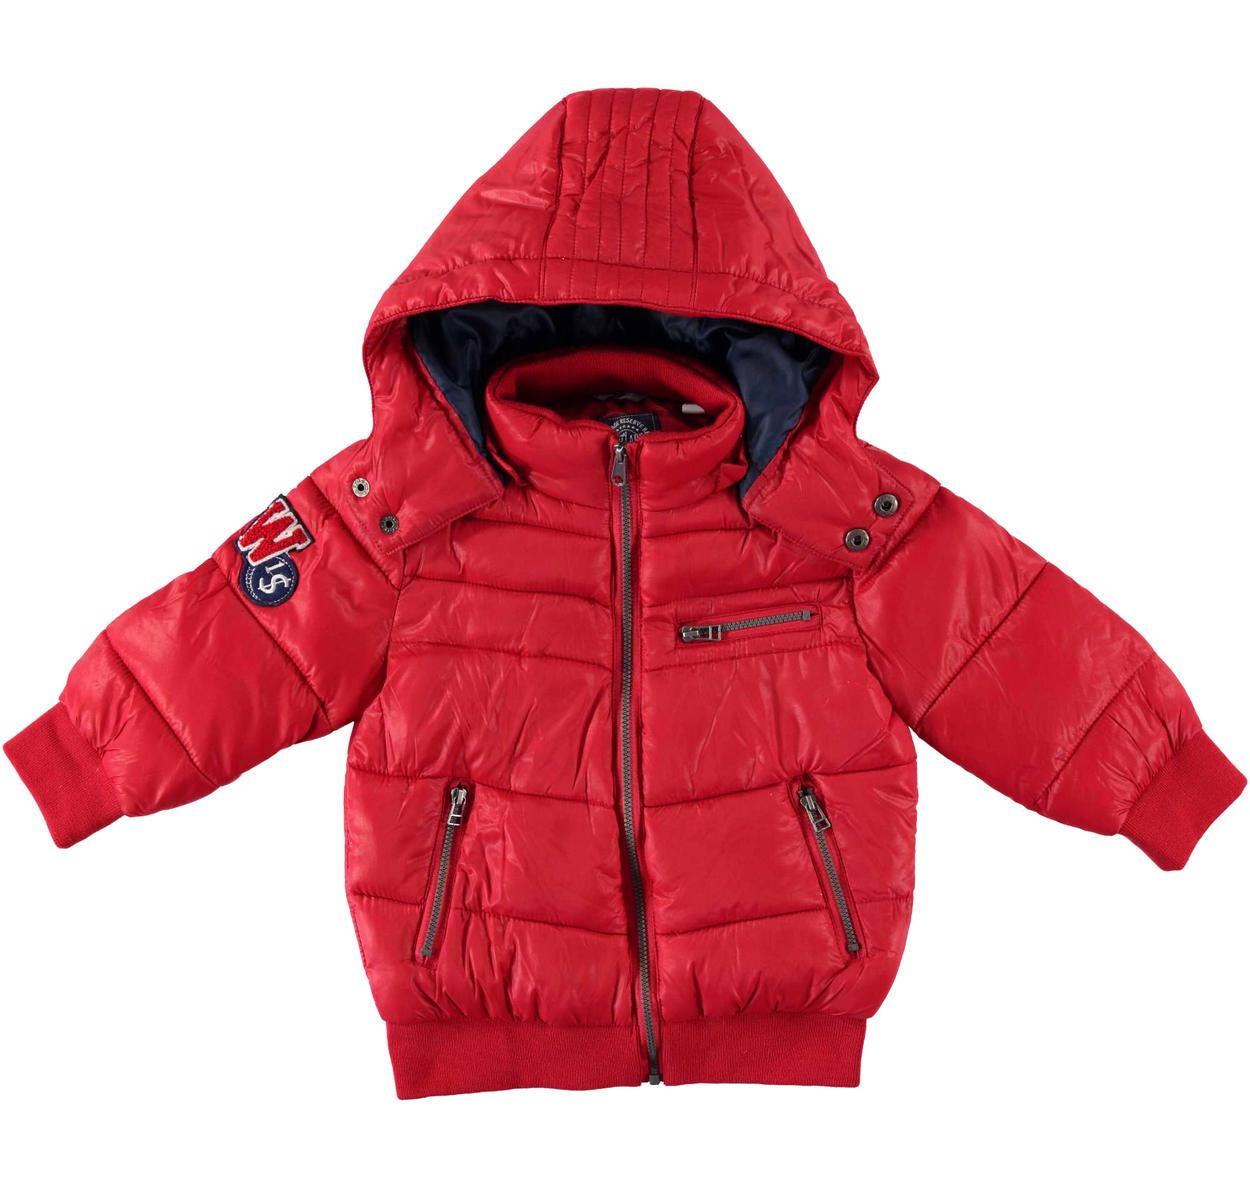 info for 288a3 ccf27 Piumino invernale imbottitura ovatta con cappuccio staccabile per bambino  da 6 mesi a 7 anni Sarabanda